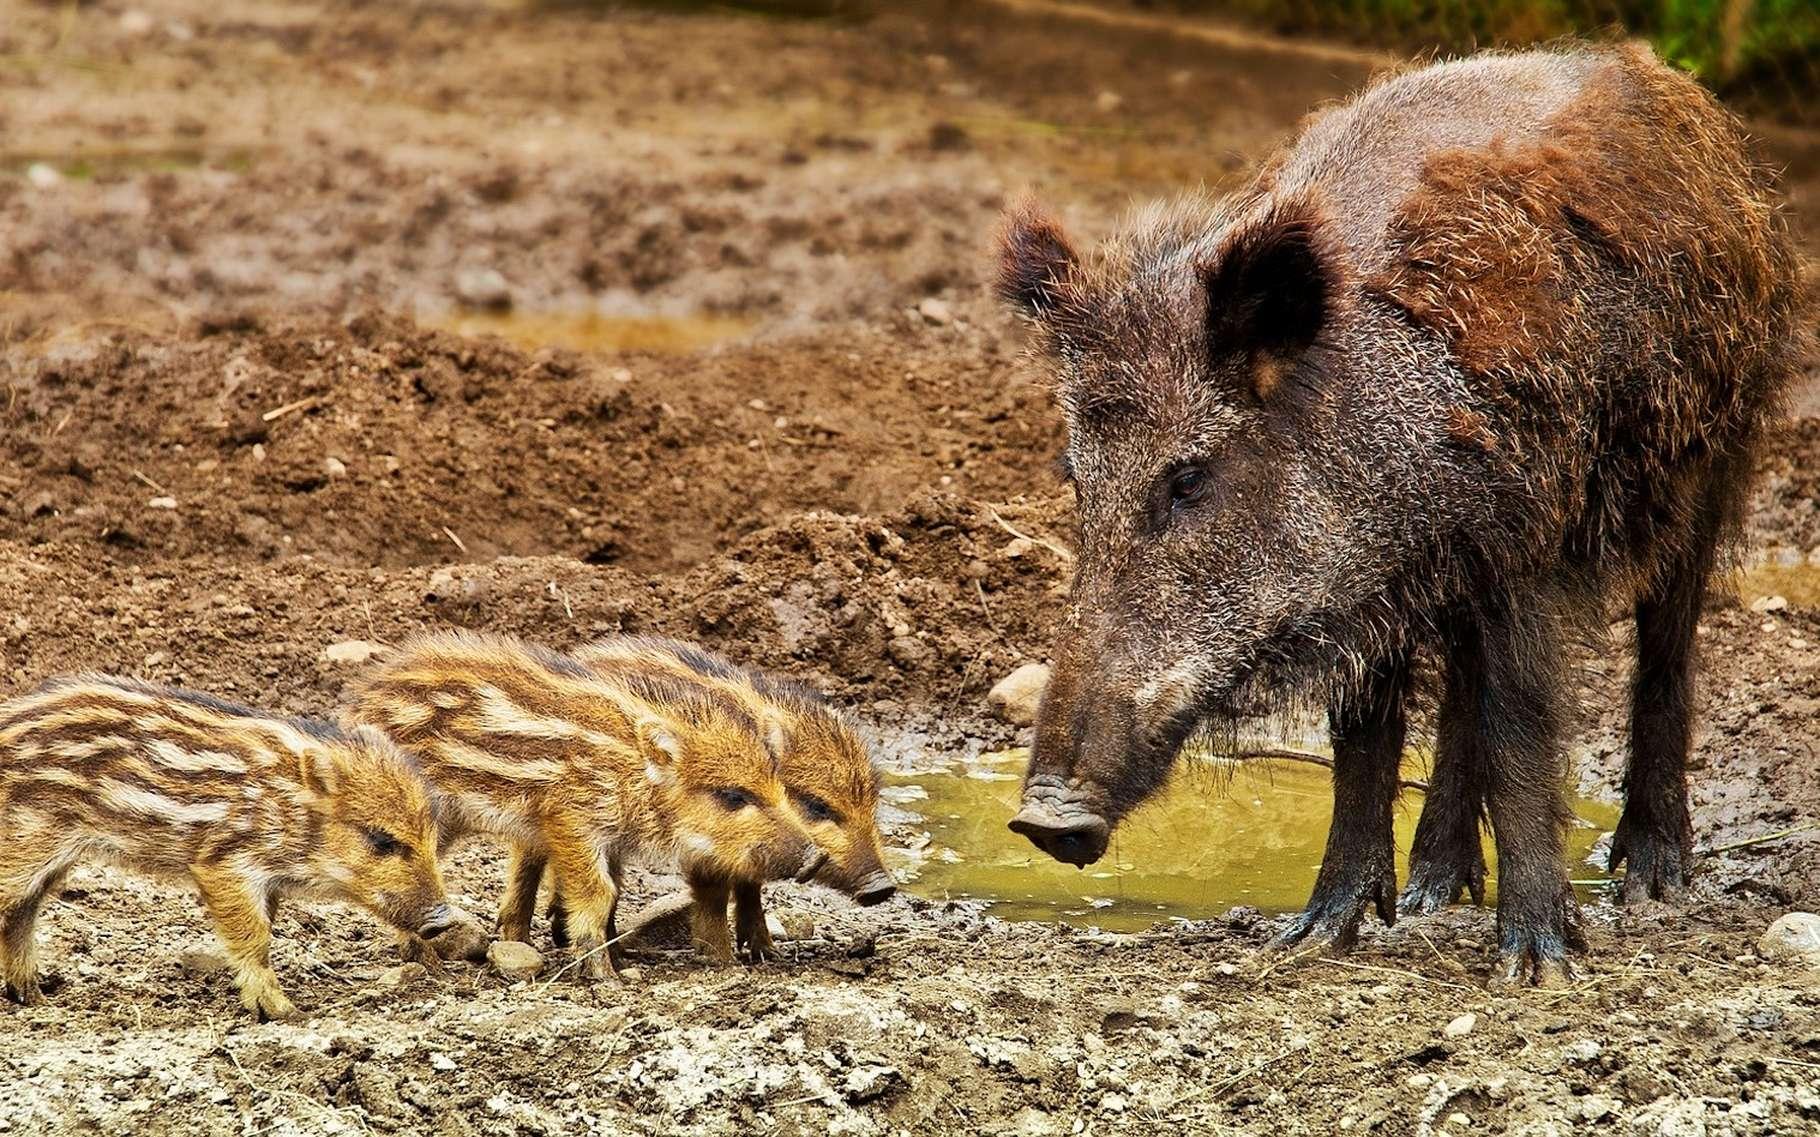 Les sangliers sont des animaux sauvages qu'il est interdit de posséder chez soi, sauf à posséder un certificat de capacité et à disposer d'une autorisation préfectorale d'ouverture d'établissement. © iisjah, Pixabay License